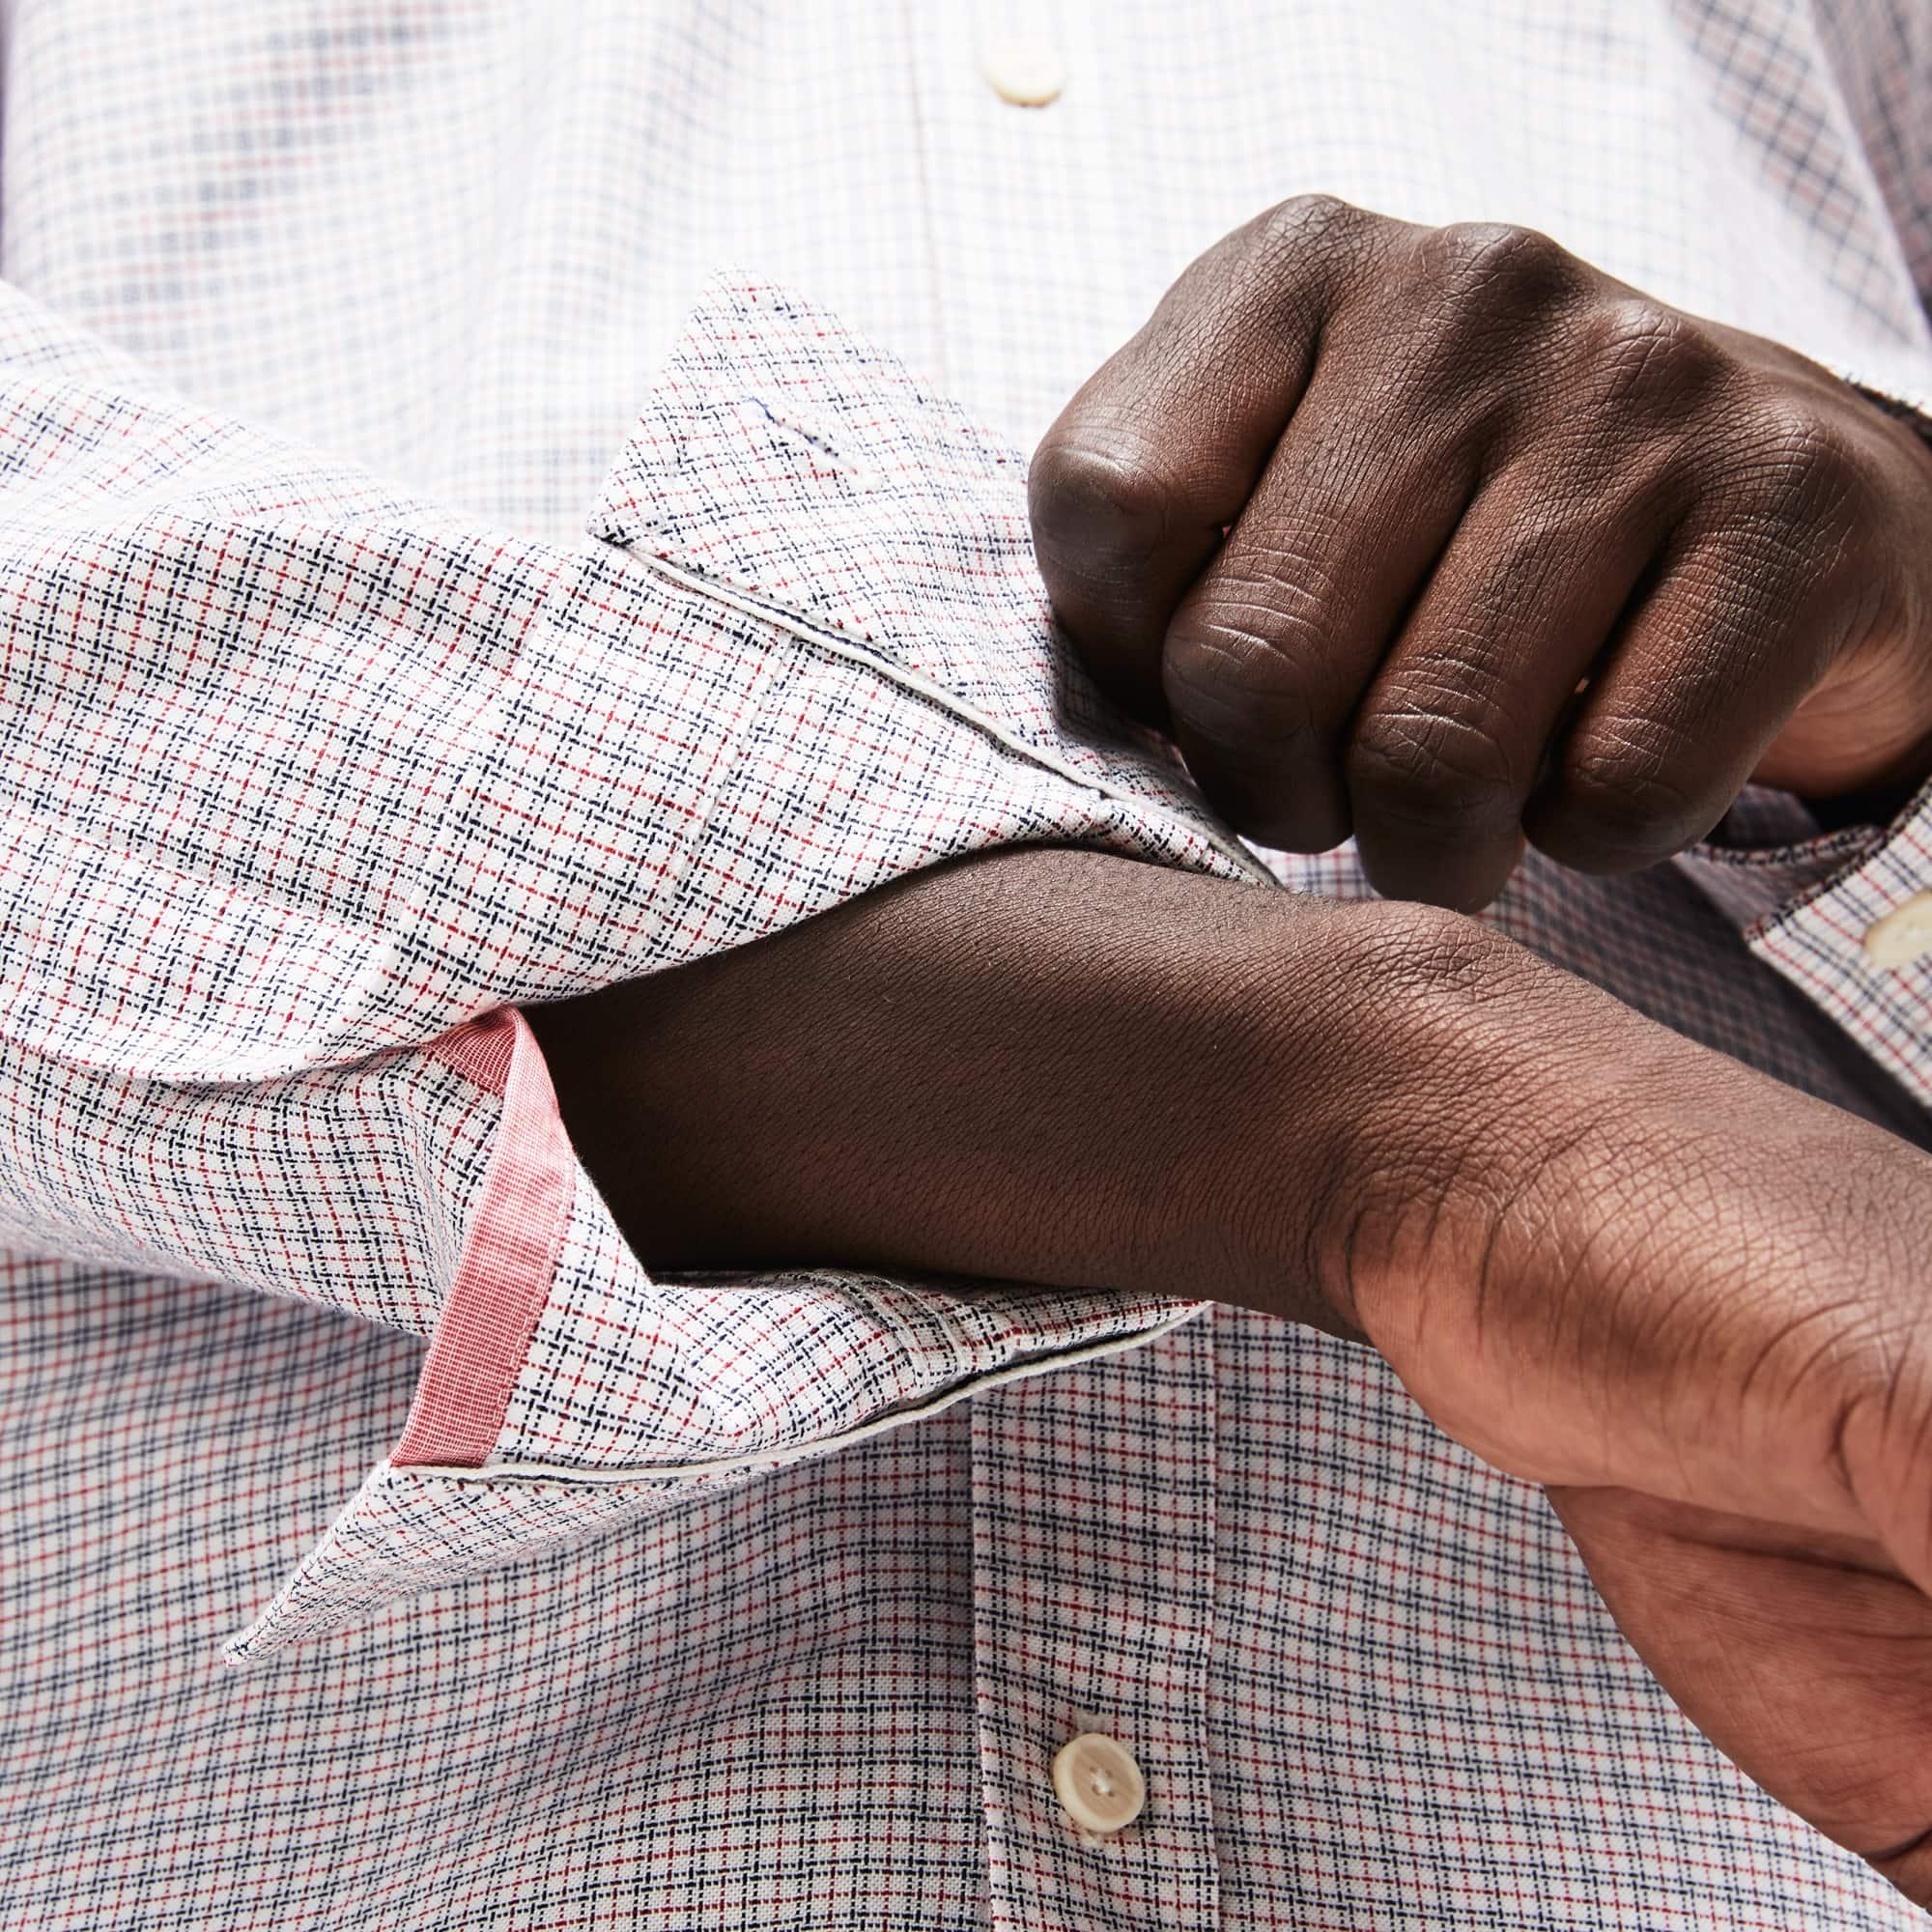 Lacoste - Camisa De Hombre Slim Fit En Algodón Oxford Elástico De Cuadros - 7